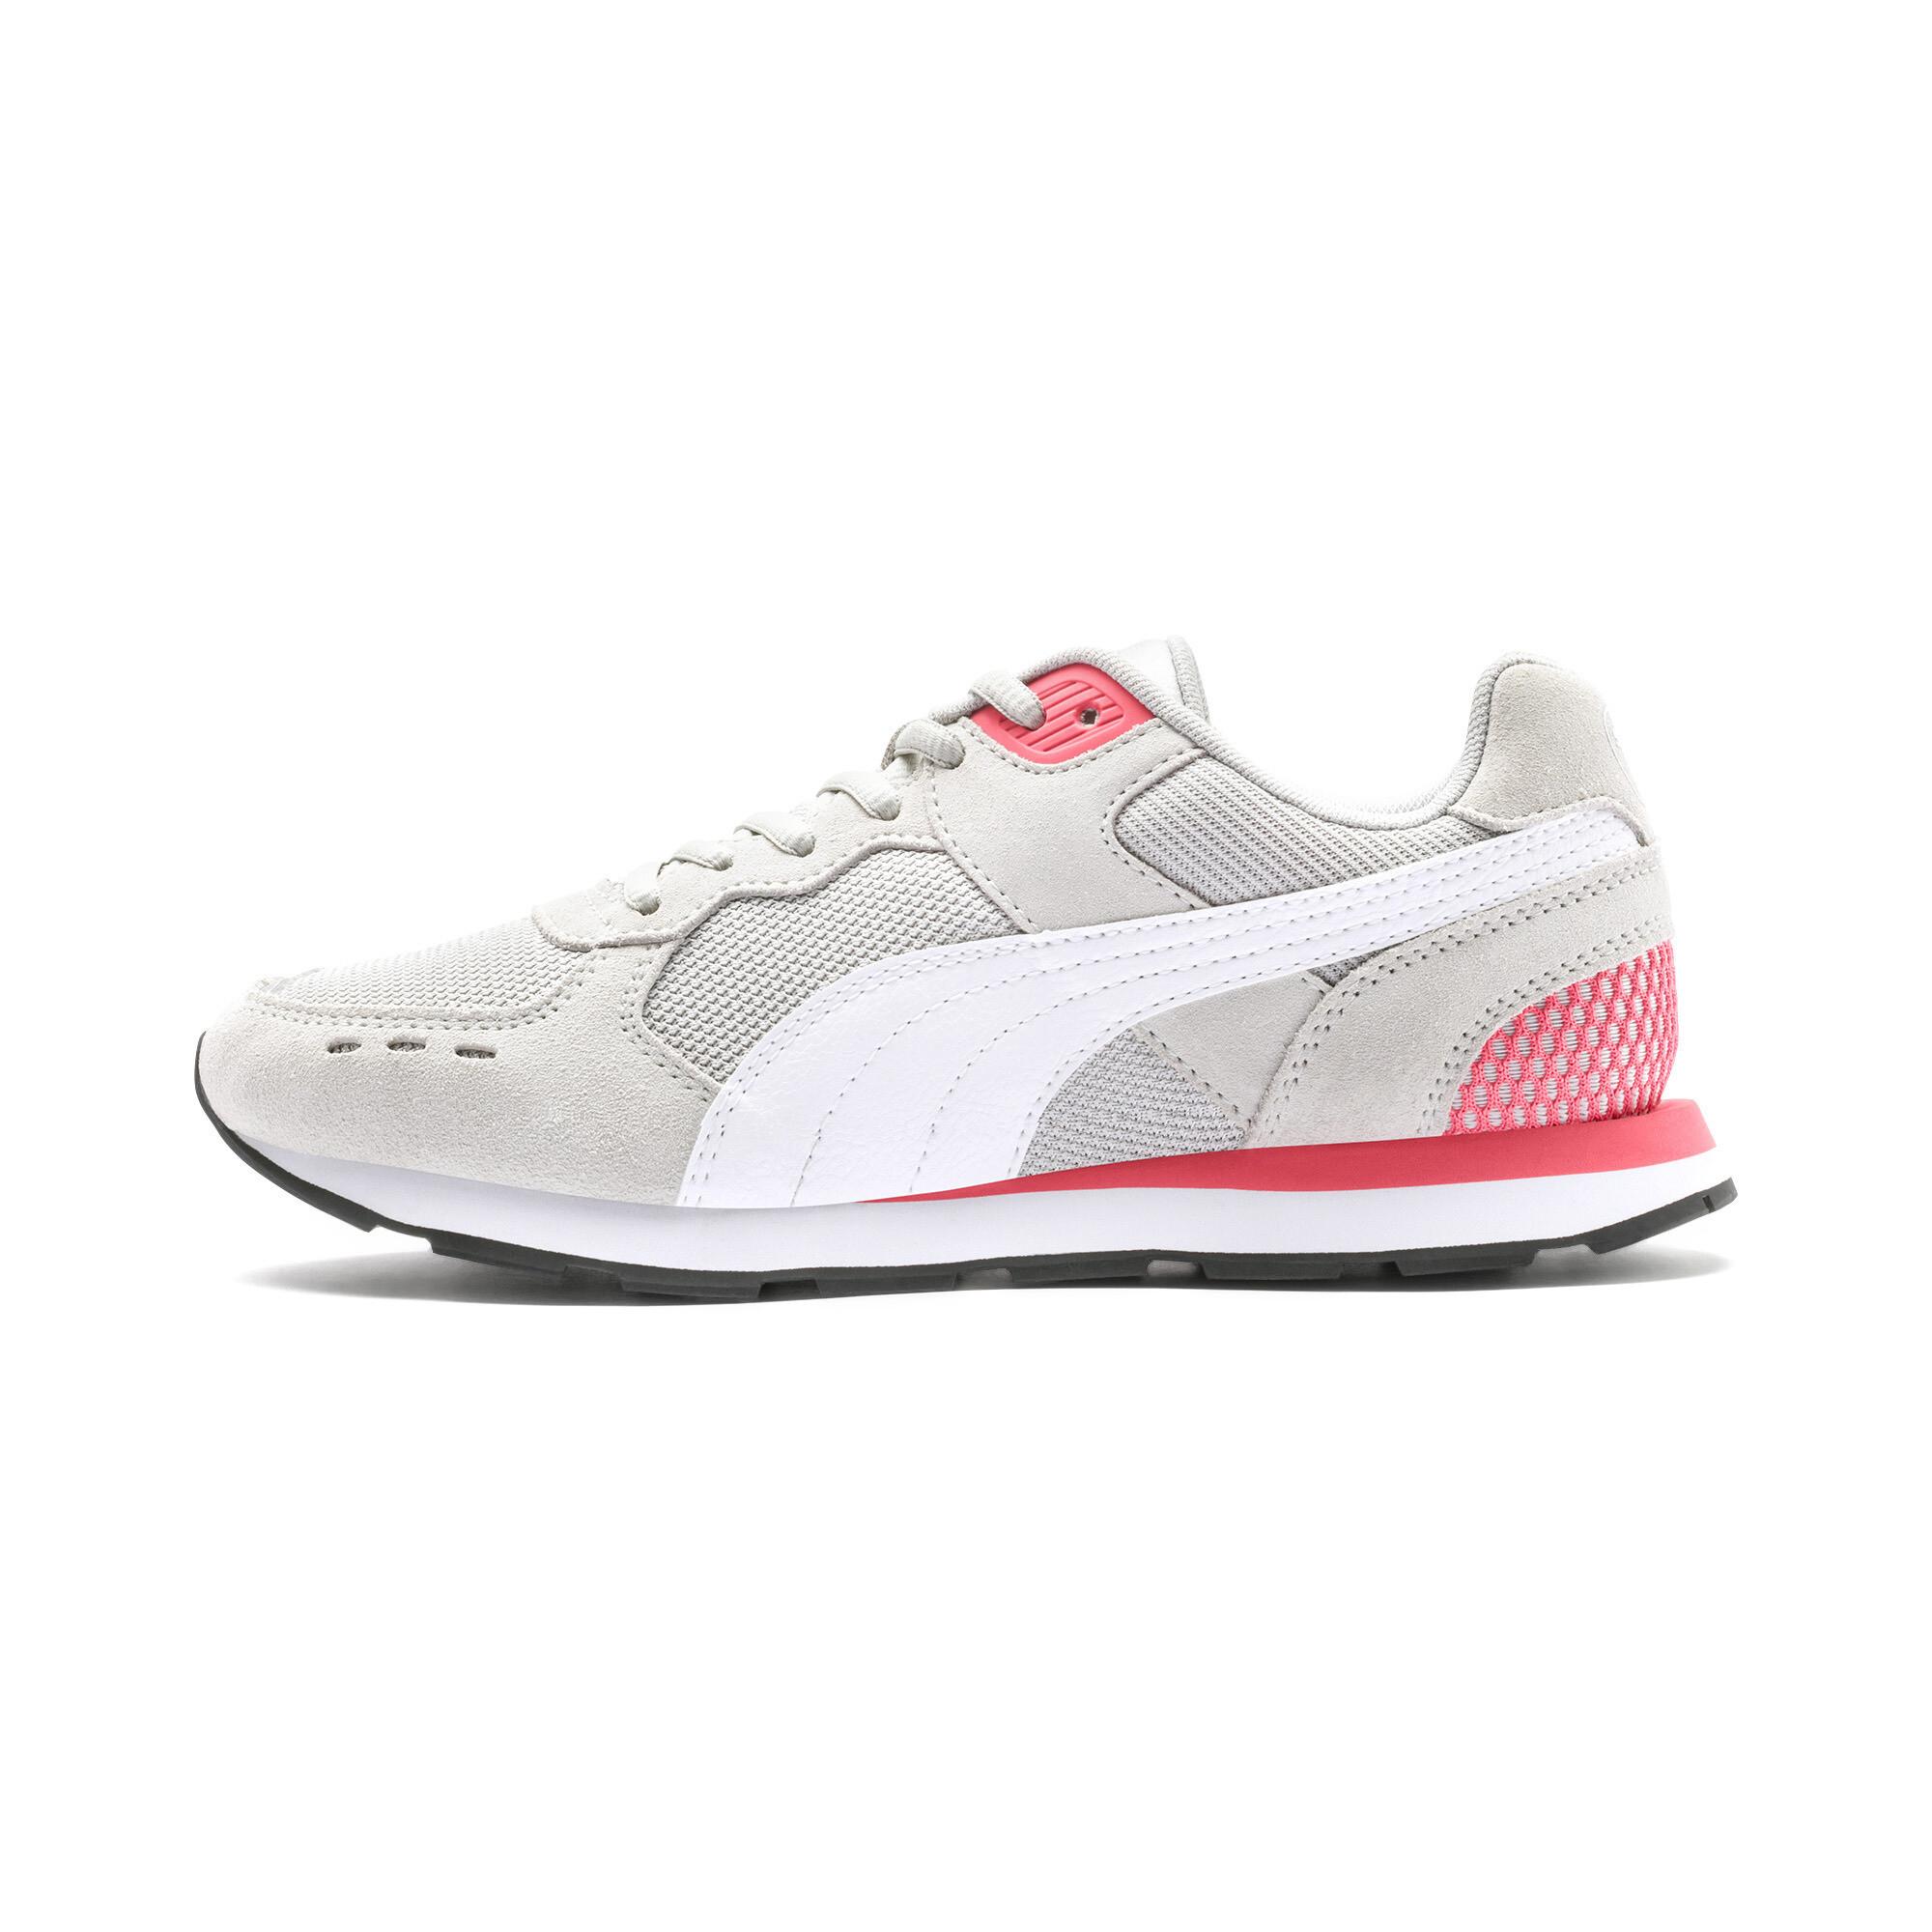 PUMA-Vista-Sneakers-Men-Shoe-Basics thumbnail 22